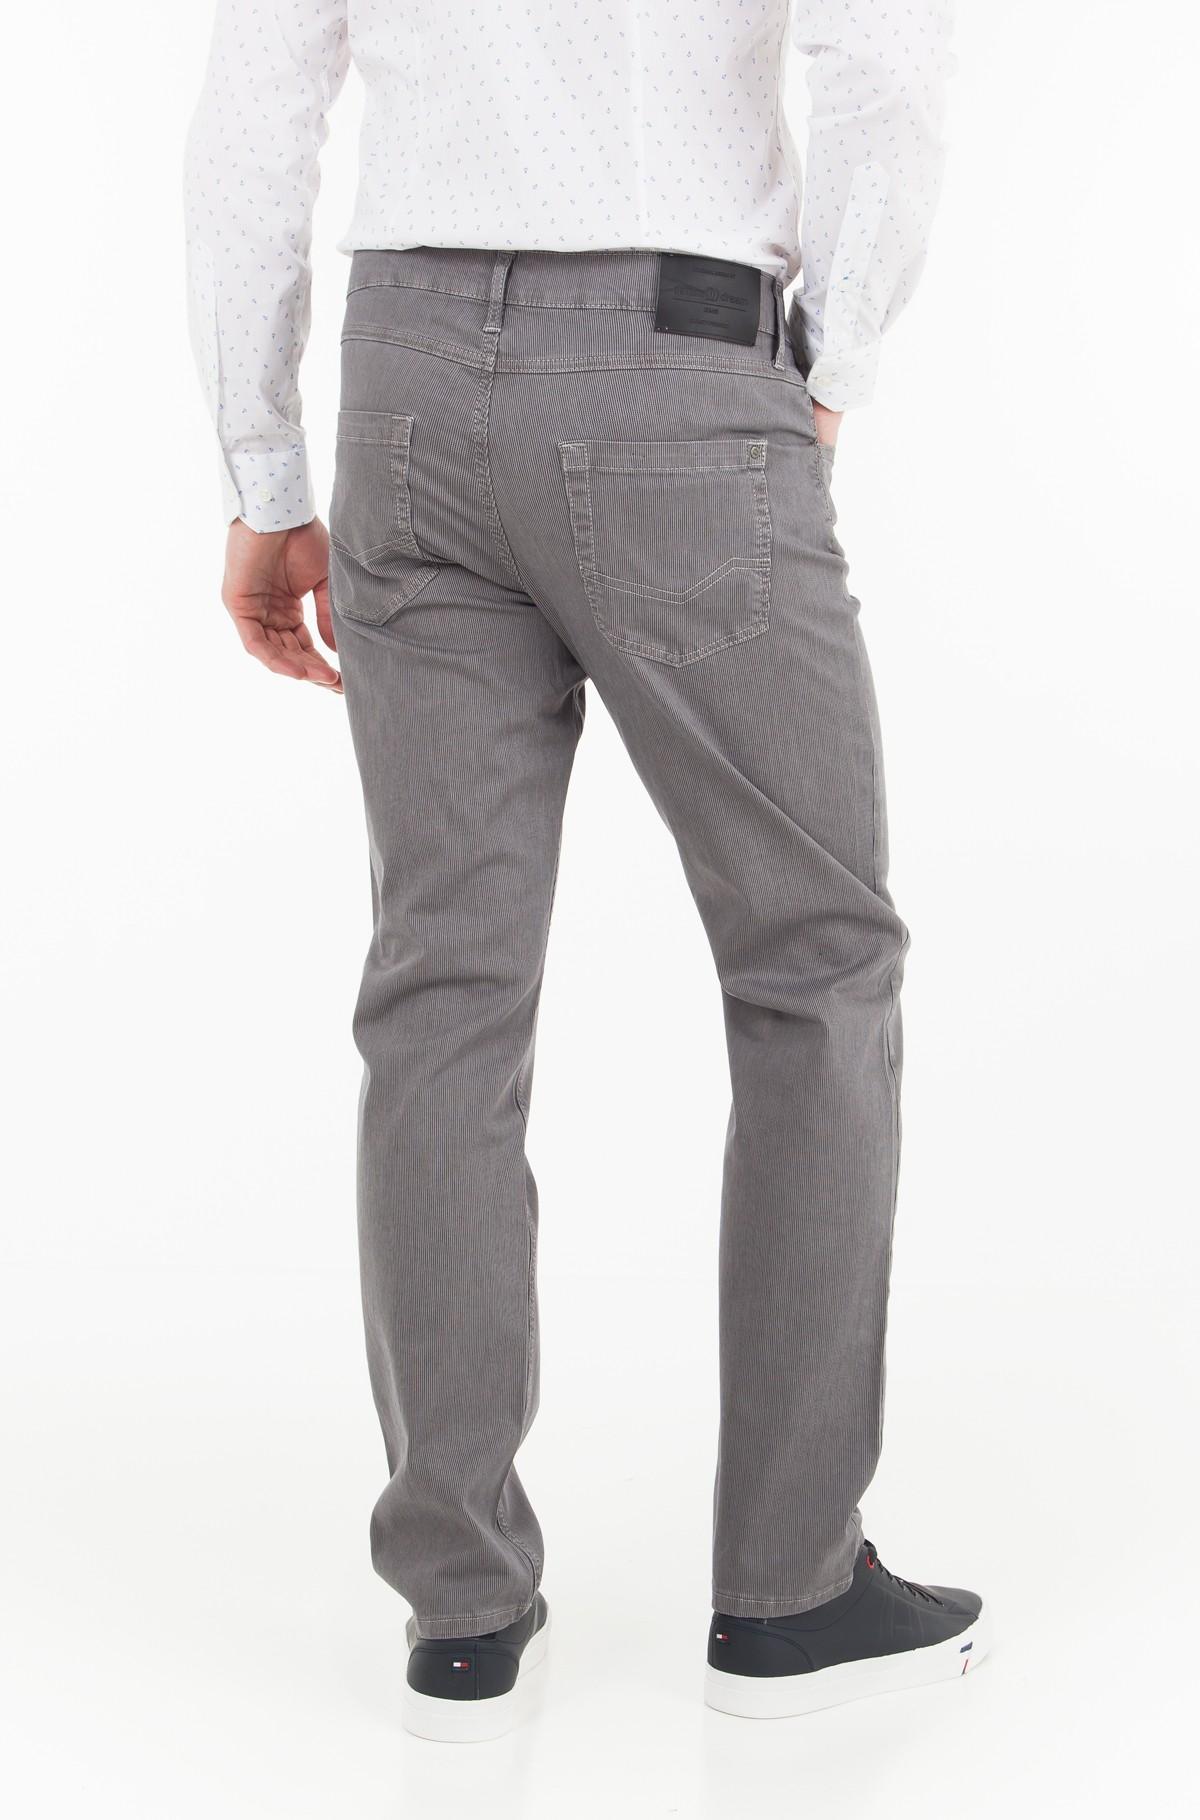 Kelnės Priit regular-full-2